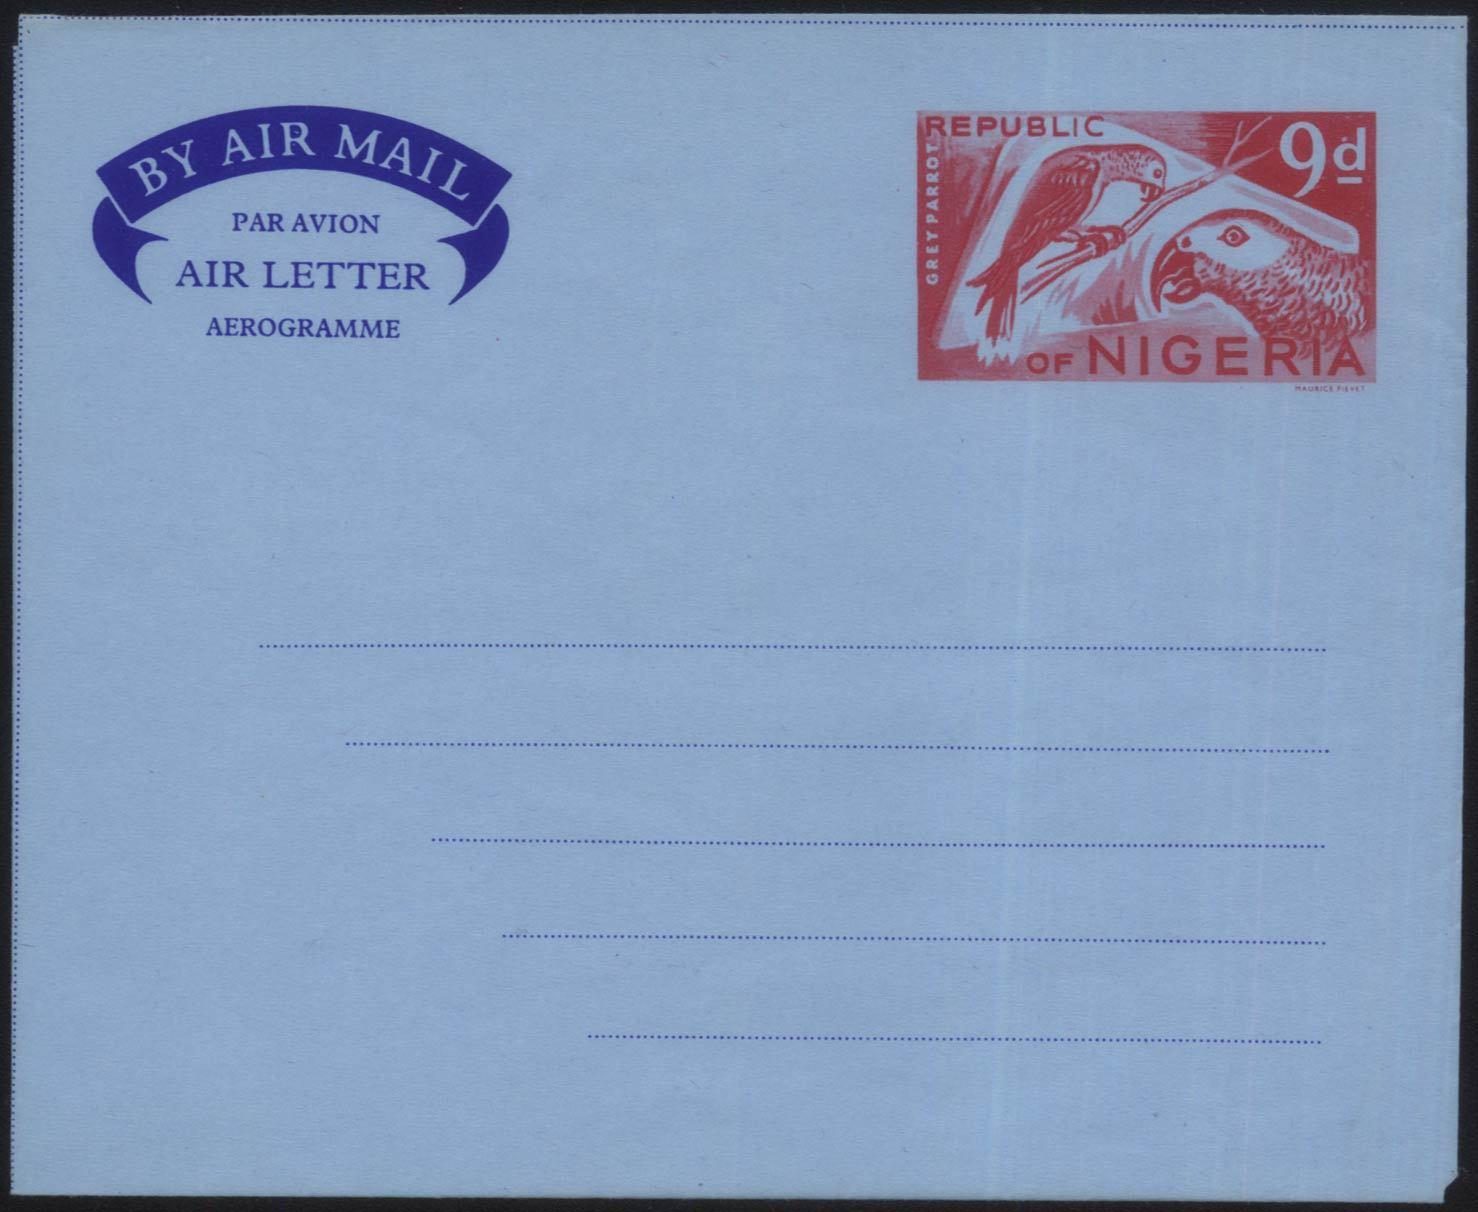 M-YJ18 нигерия день лия авиация почта простой почта капитал изображенный станция в шаттл (челнок) глава два попугай медаль